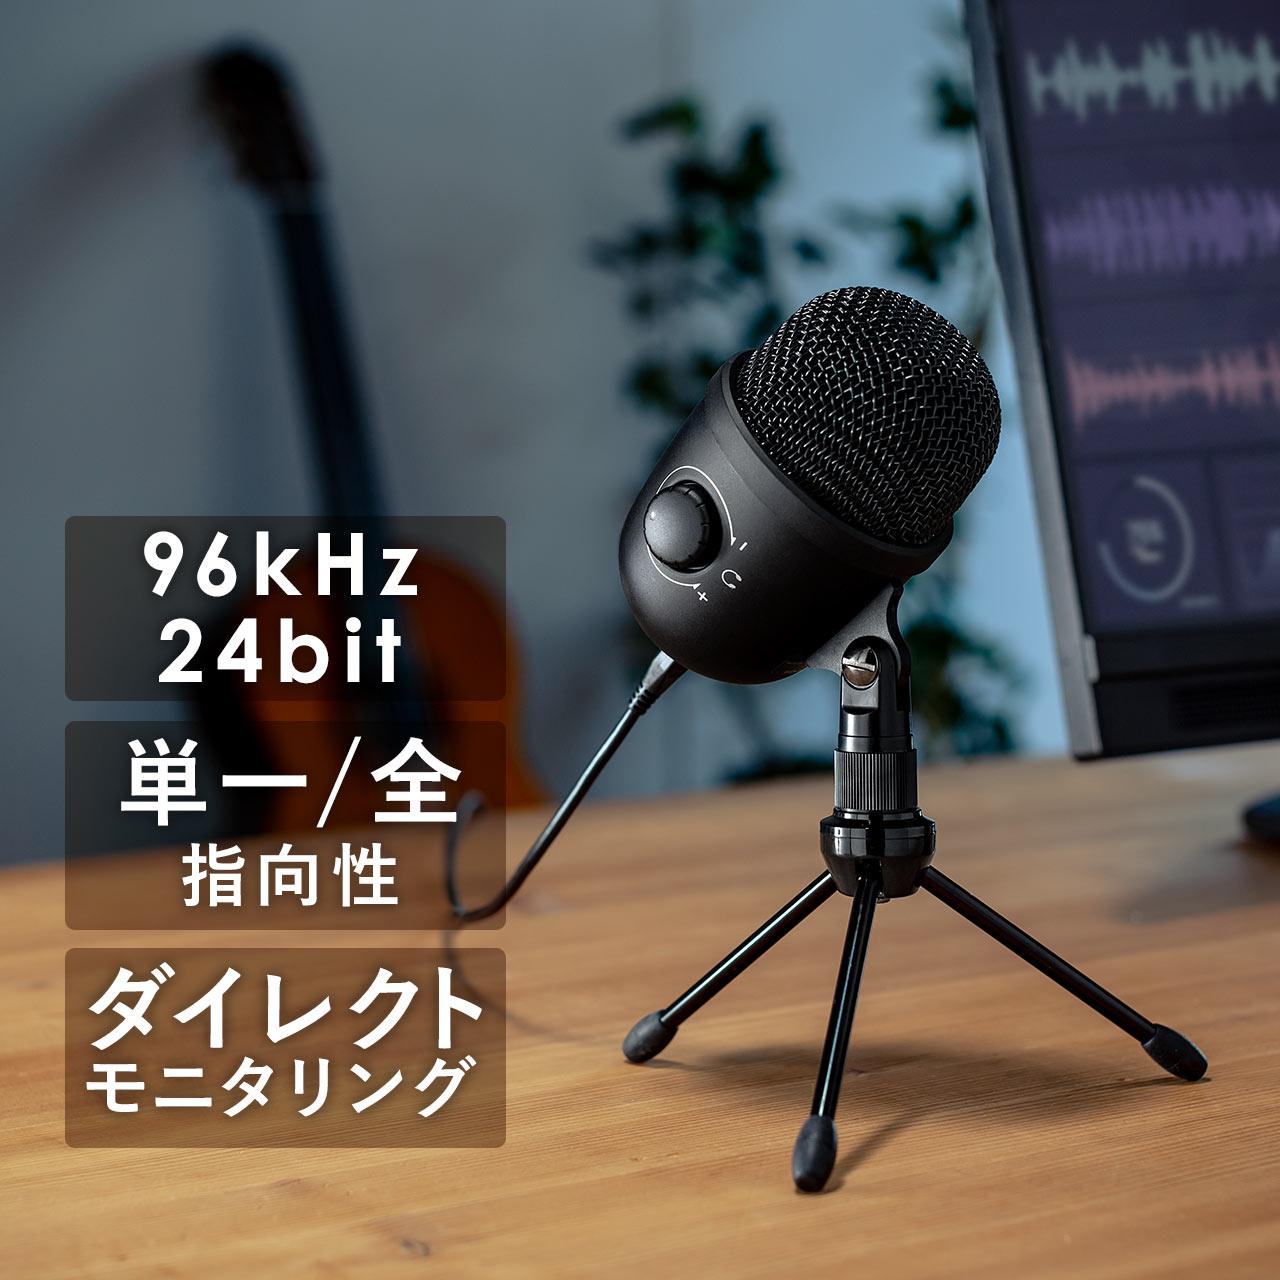 400-MC022 サンワダイレクト限定品 送料無料 USBマイク コンデンサーマイク ステレオ レコーディングマイク 生放送 録音 予約販売 配信 在宅勤務 youtube テレワーク 信託 PS5対応 ポッドキャスト PS4 ストリーミング ゲーム実況